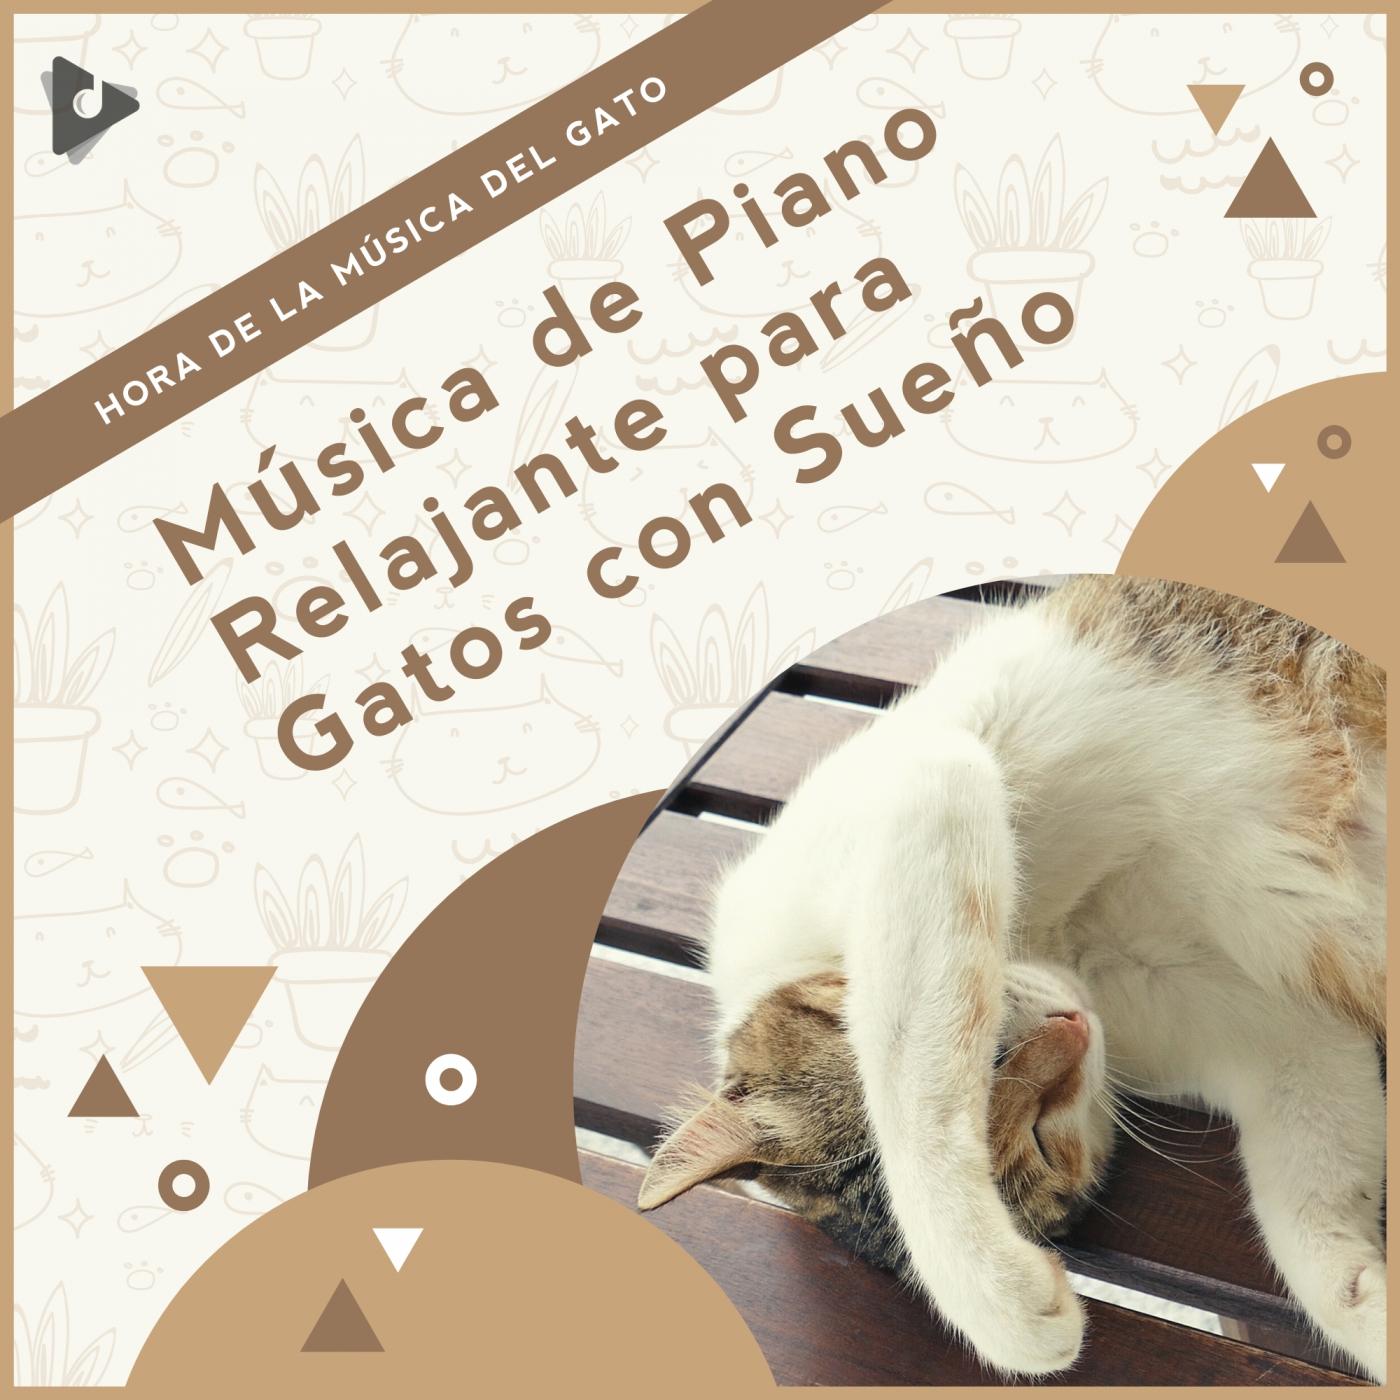 Música de Piano Relajante para Gatos con Sueño